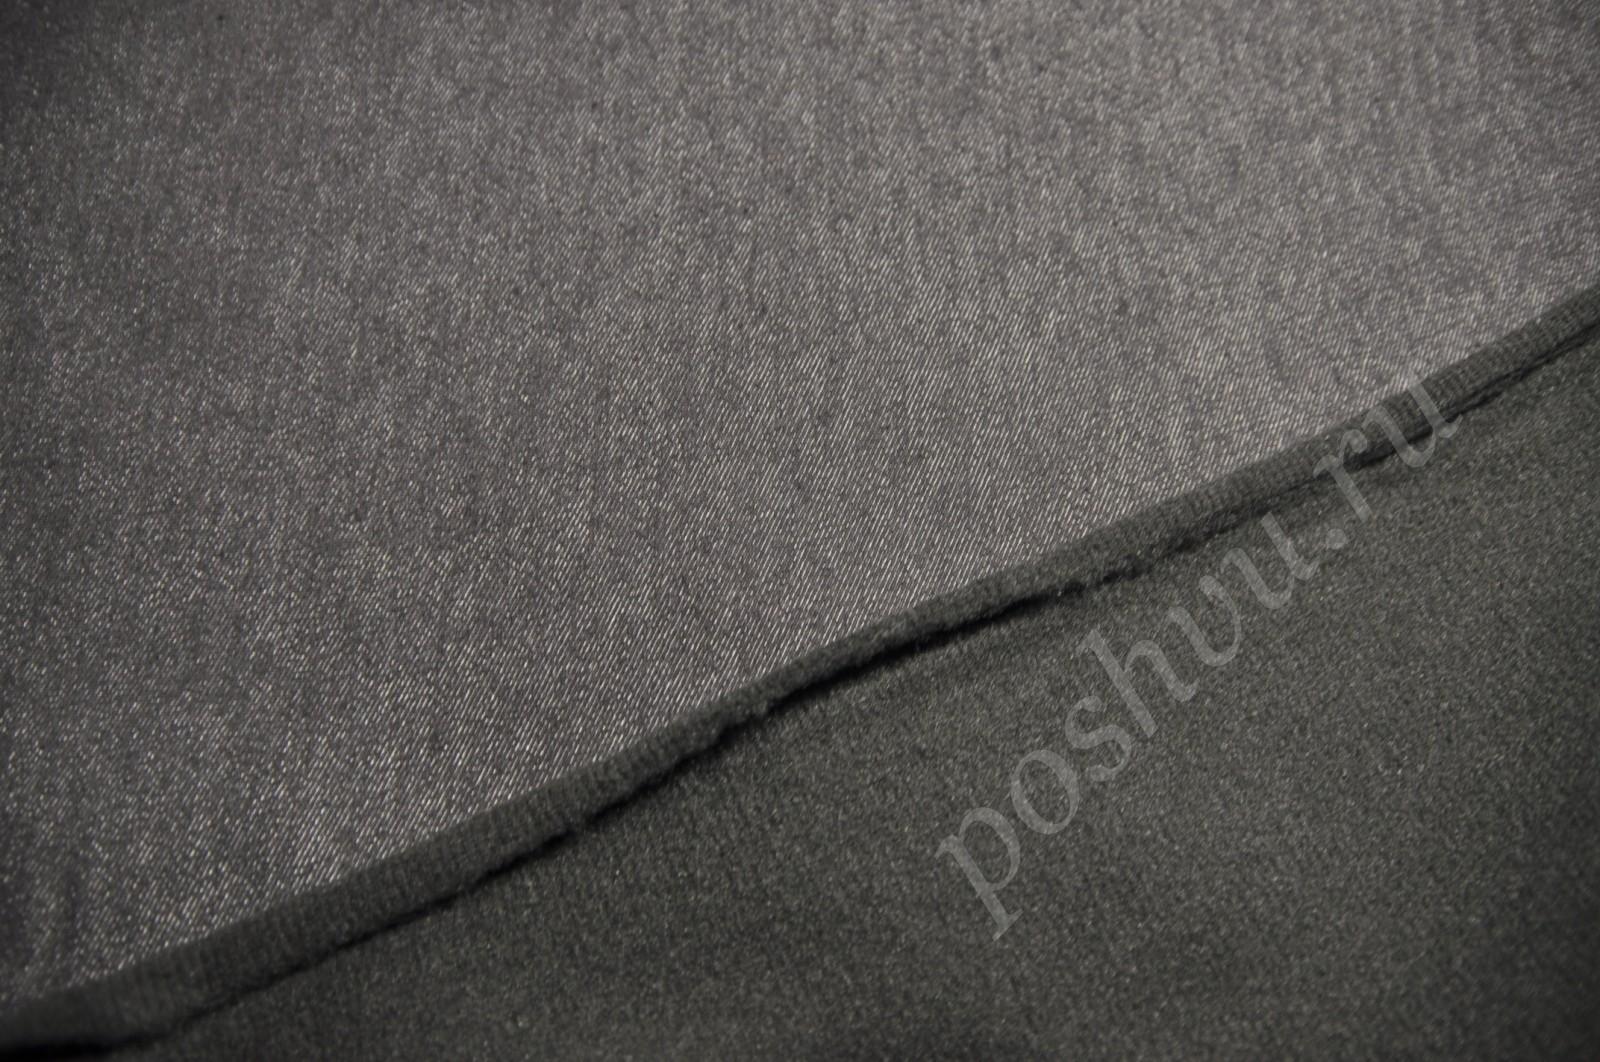 джинсовая ткань чёрная купить